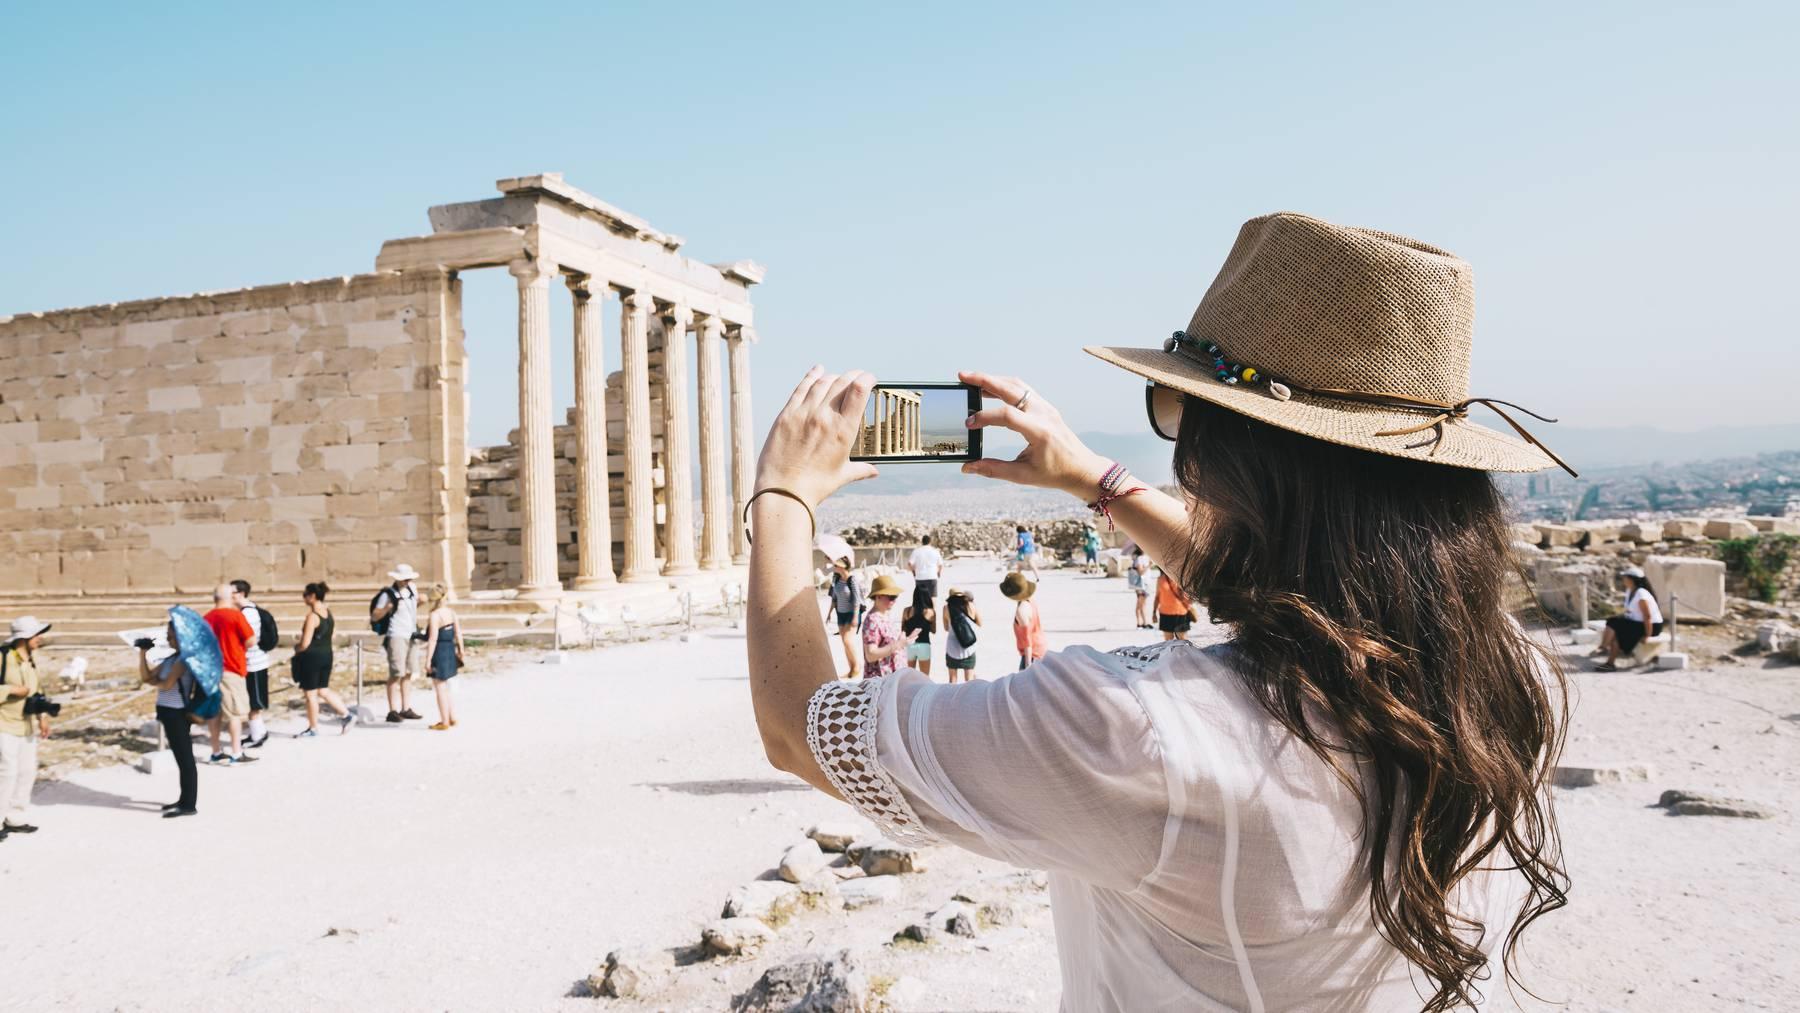 Mit einer vollständigen Corona-Impfung kannst du unter anderem nach Griechenland reisen. (Symbolbild)